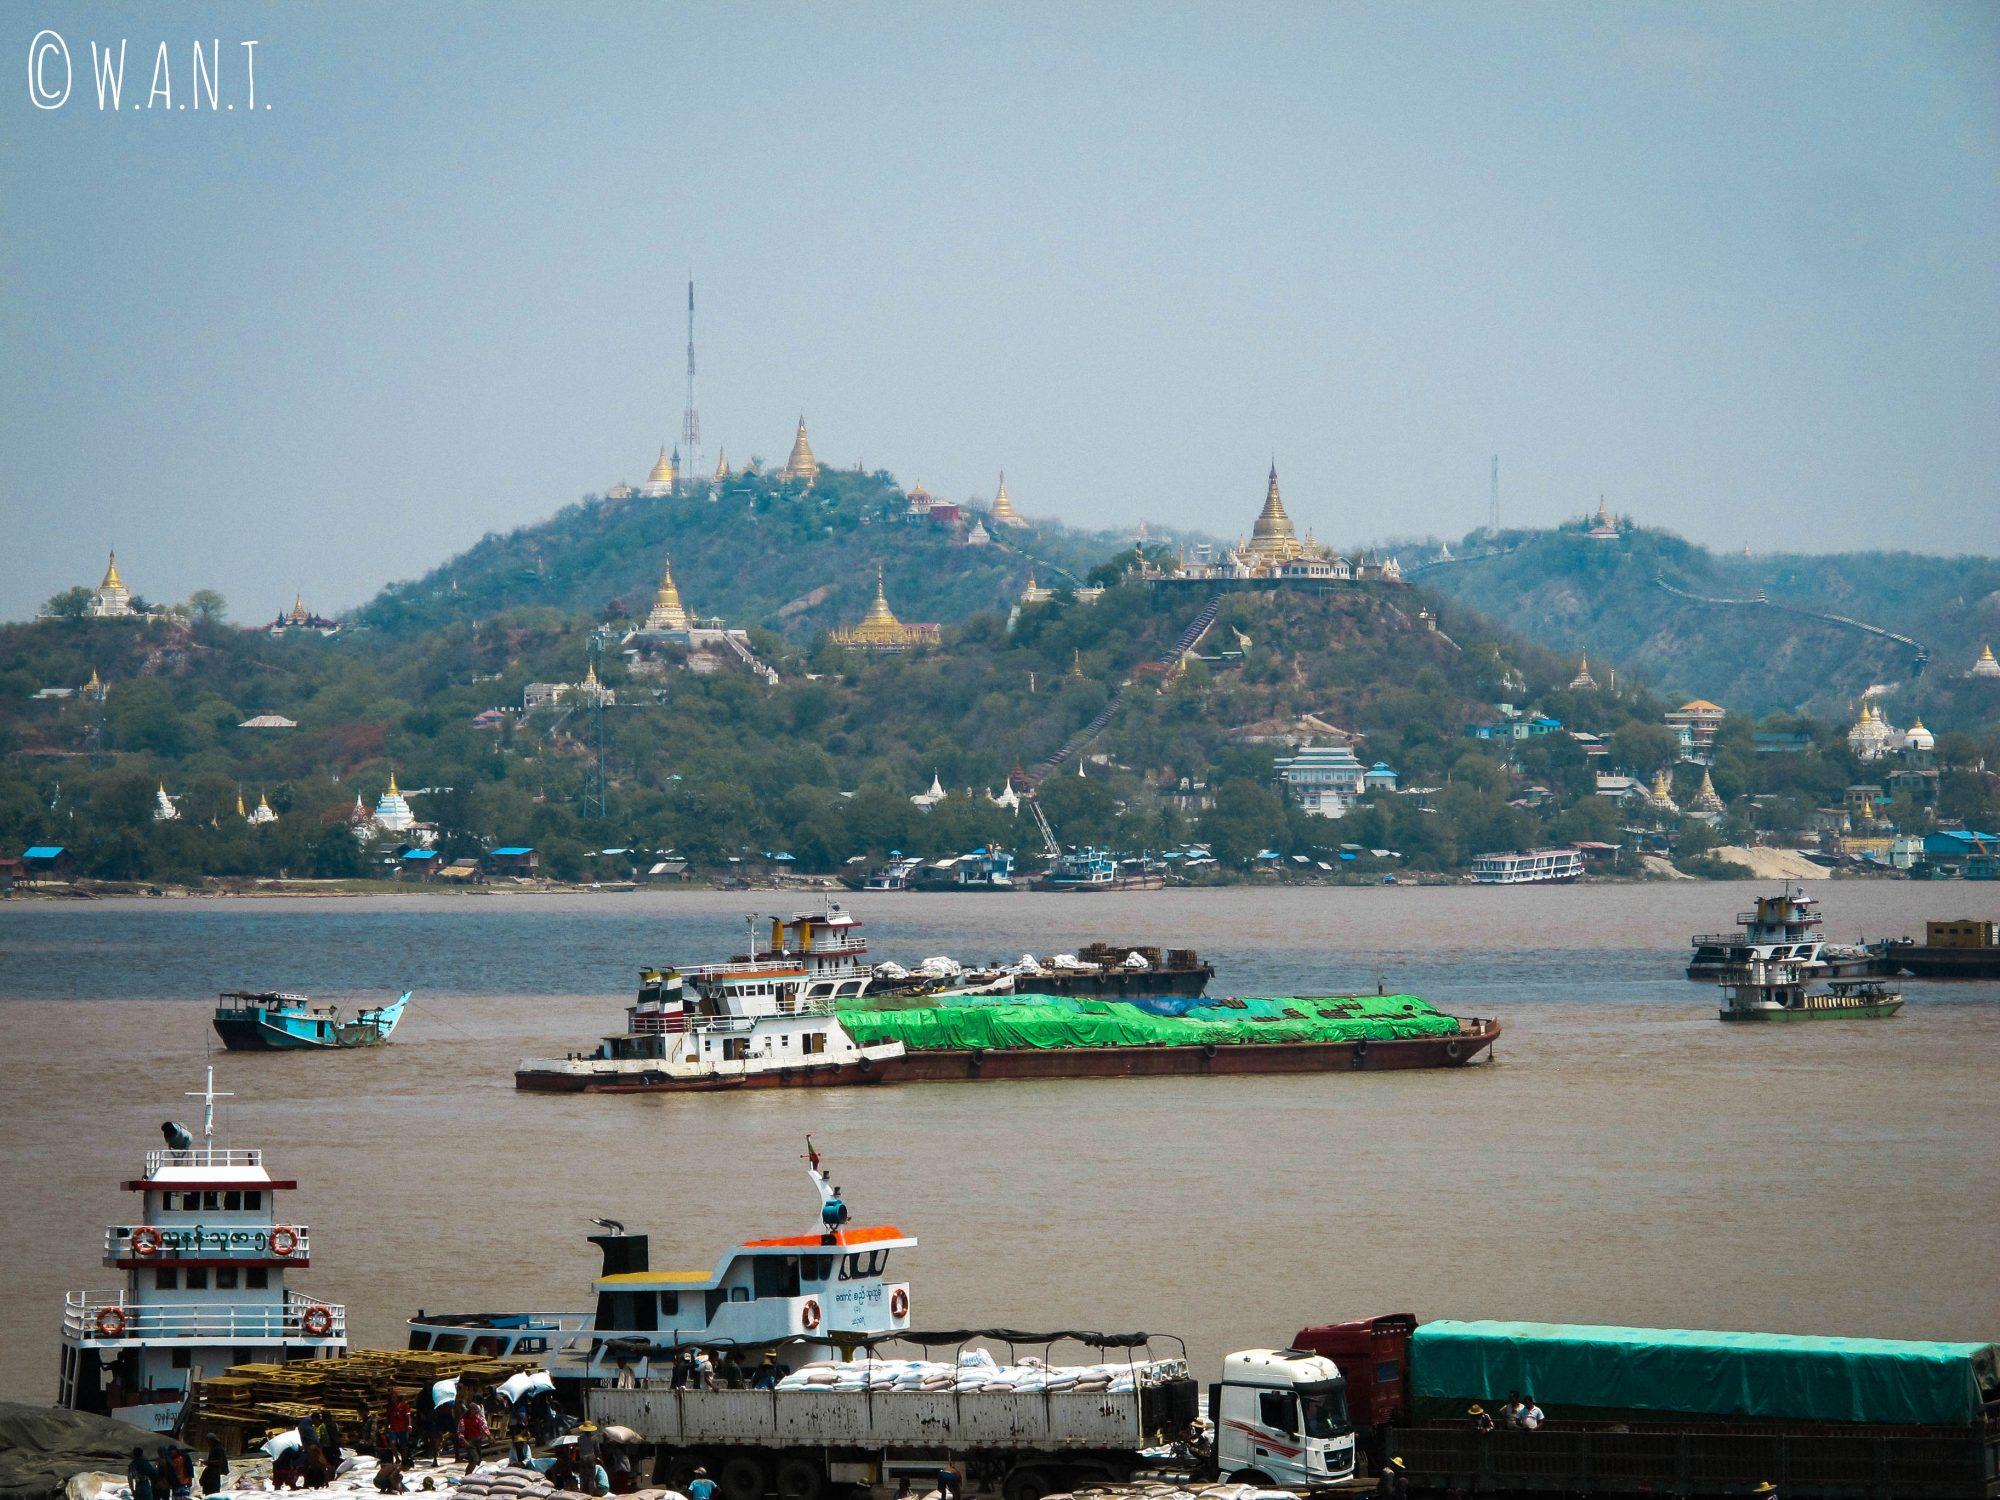 Traversée de l'Irrawaddy pour rejoindre Sagaing : des pagodes à perte de vue